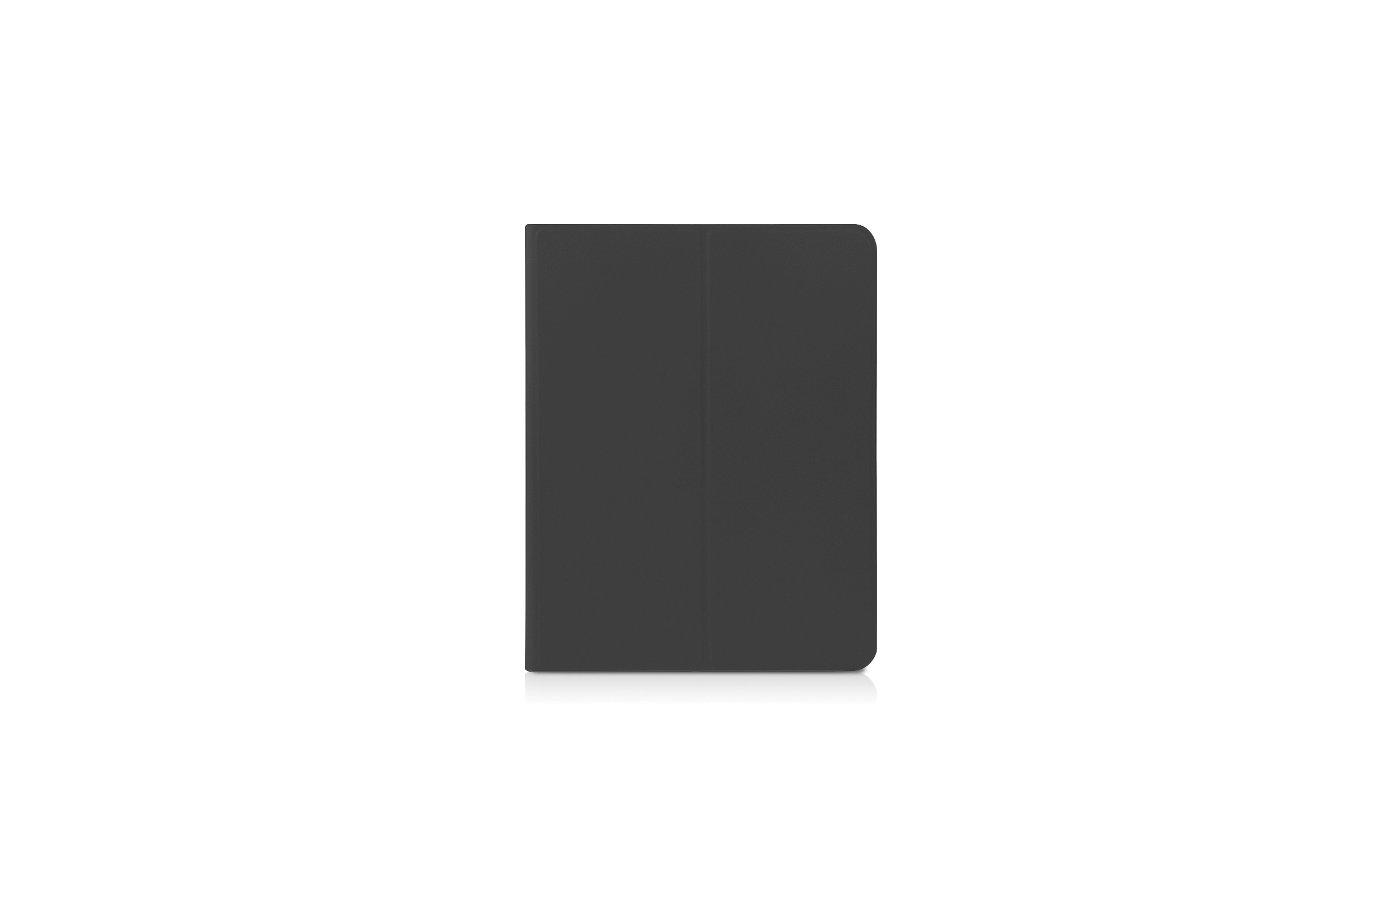 Чехол для планшетного ПК DF универсальный для планшетов 9-10 (black/green) magnet fiksator